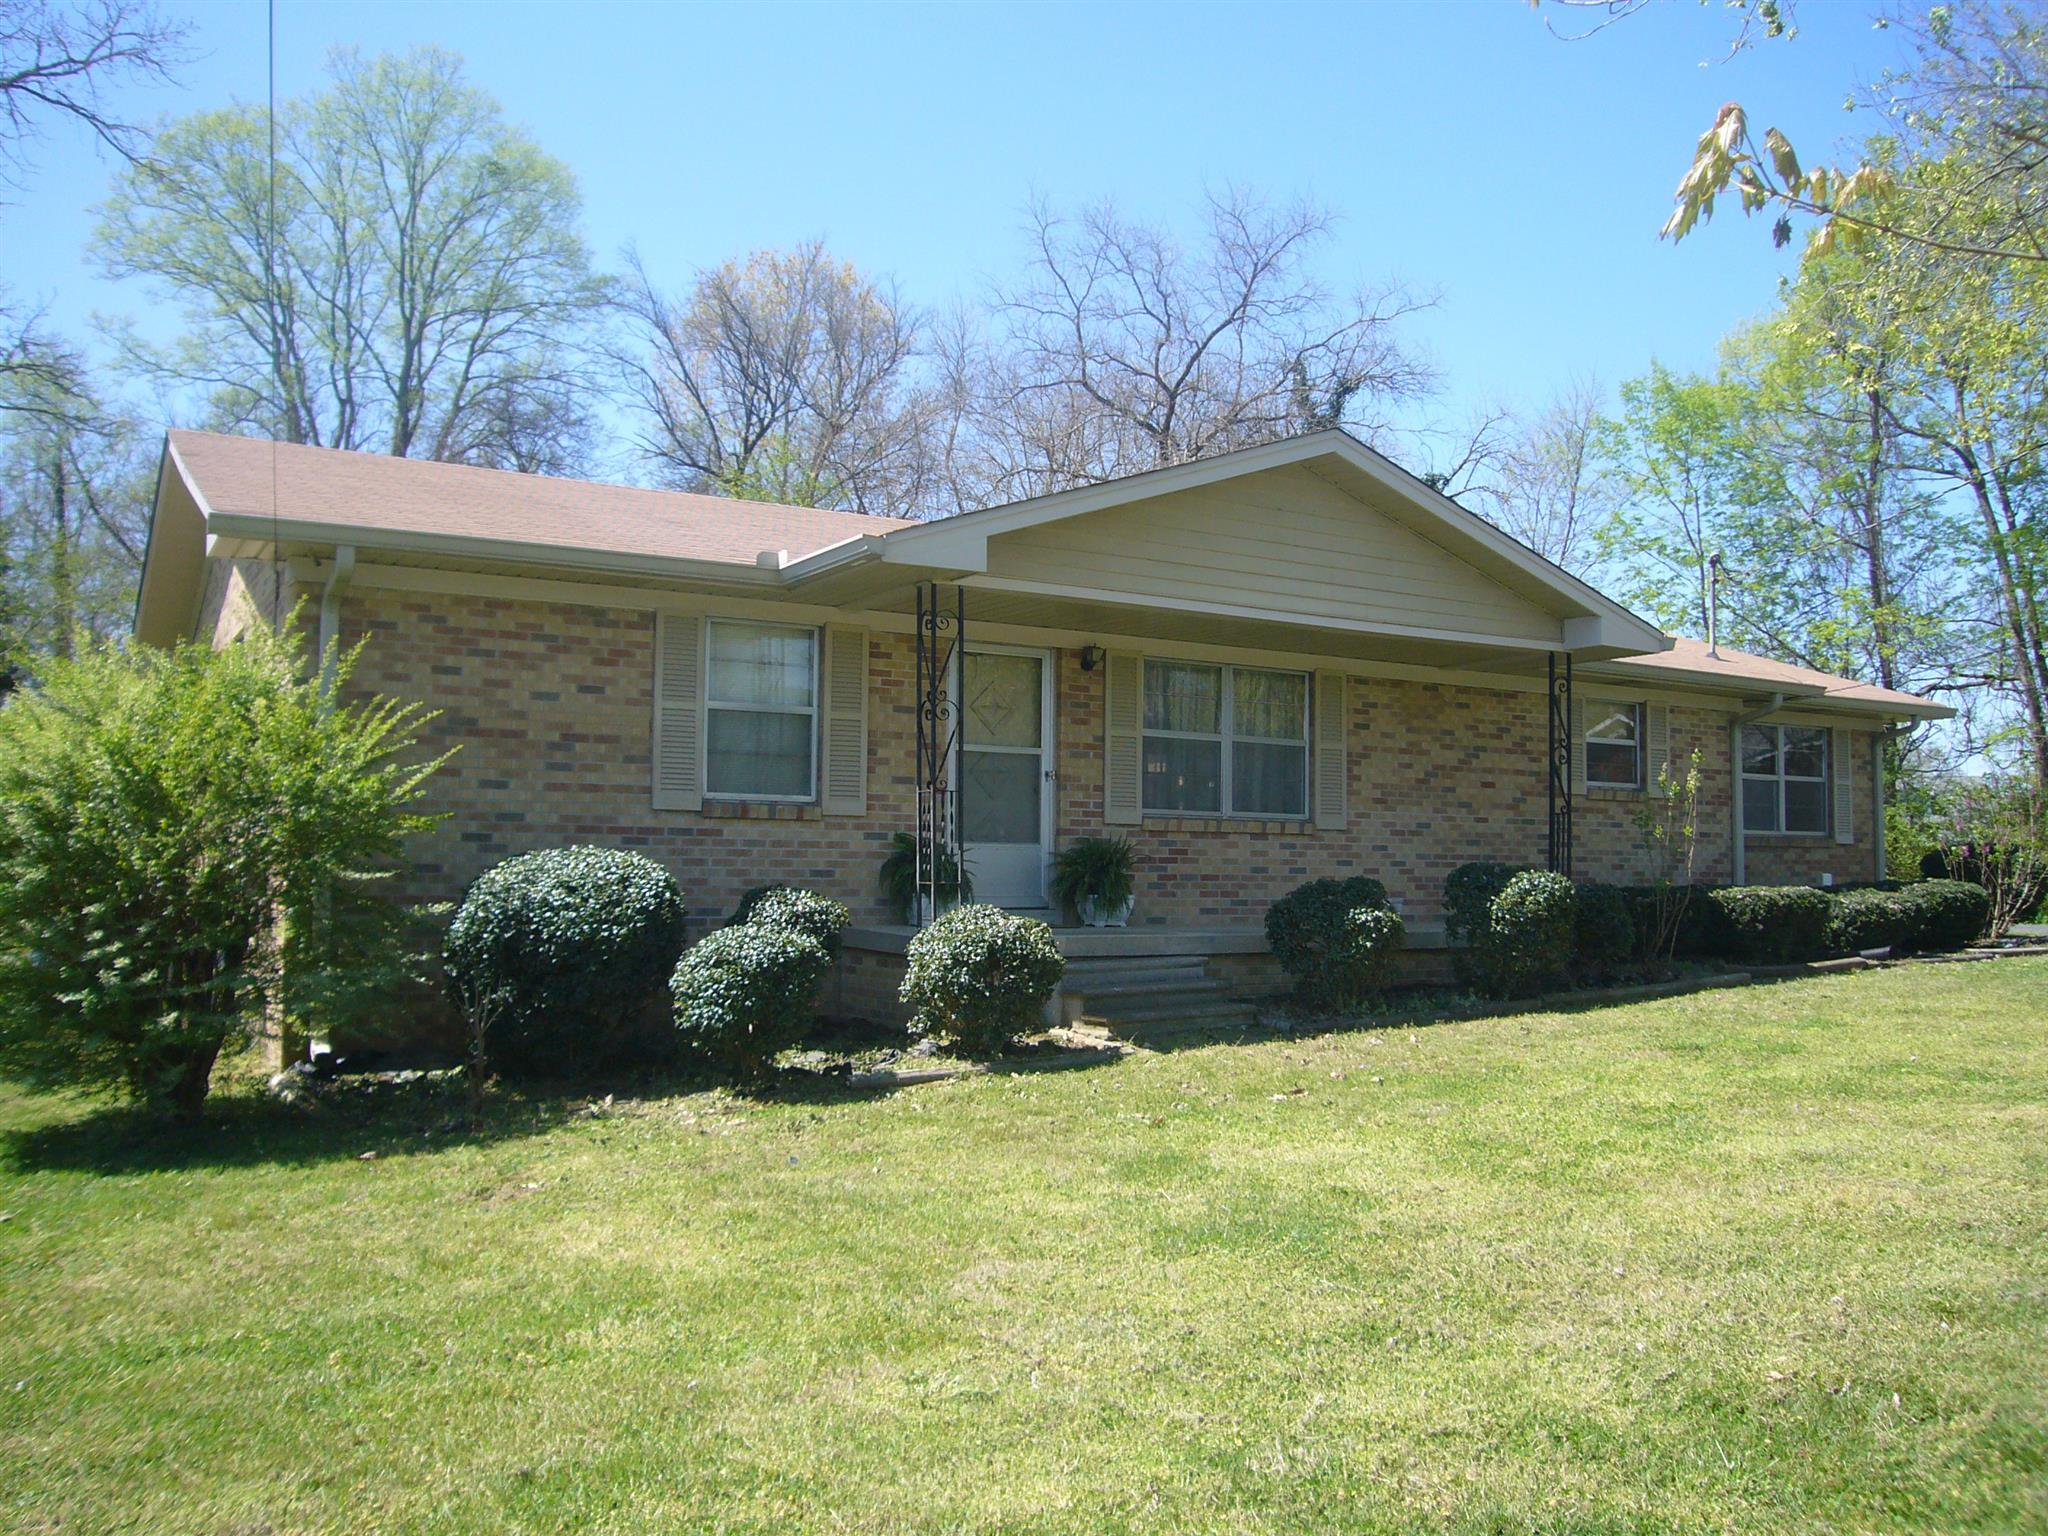 100 Trousdale Ct, Hartsville, TN 37074